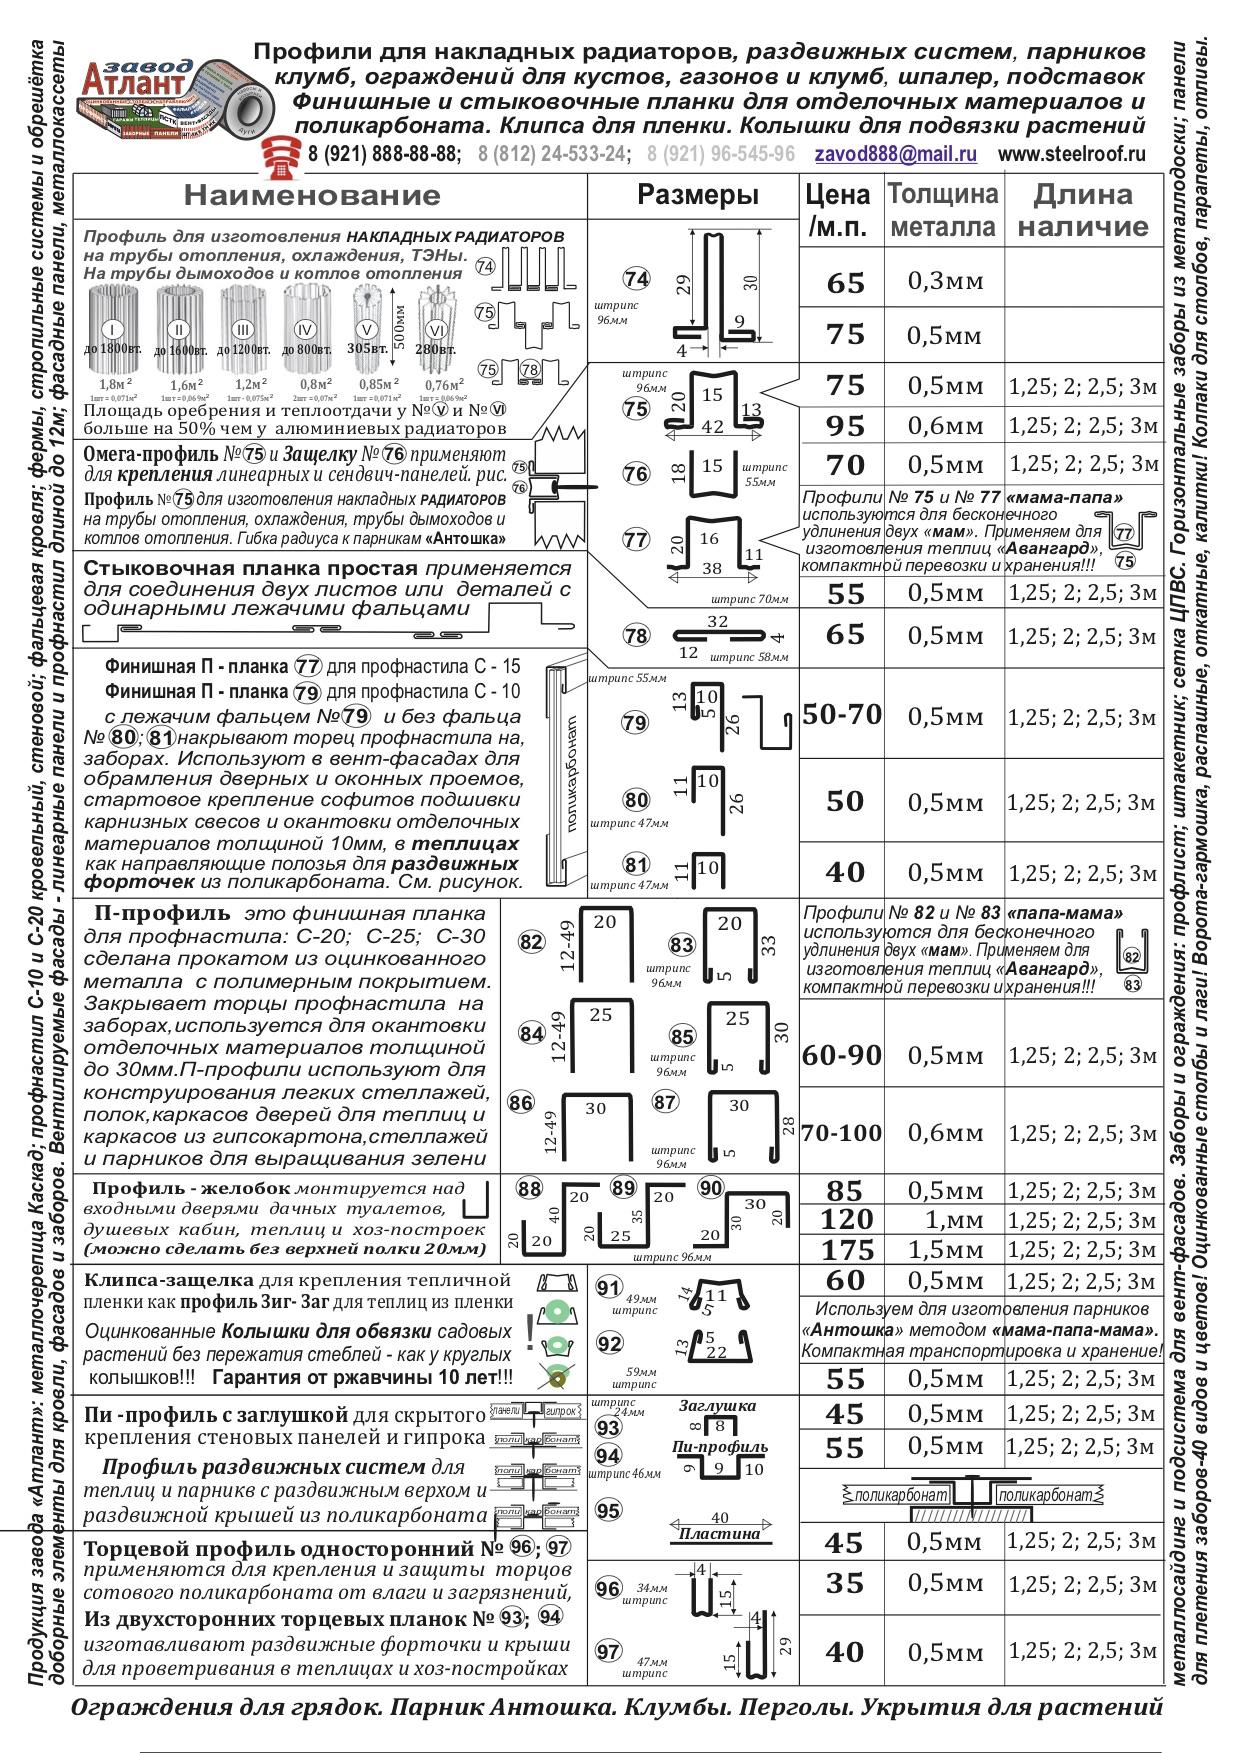 ЛСТК по стоимости завода производителя